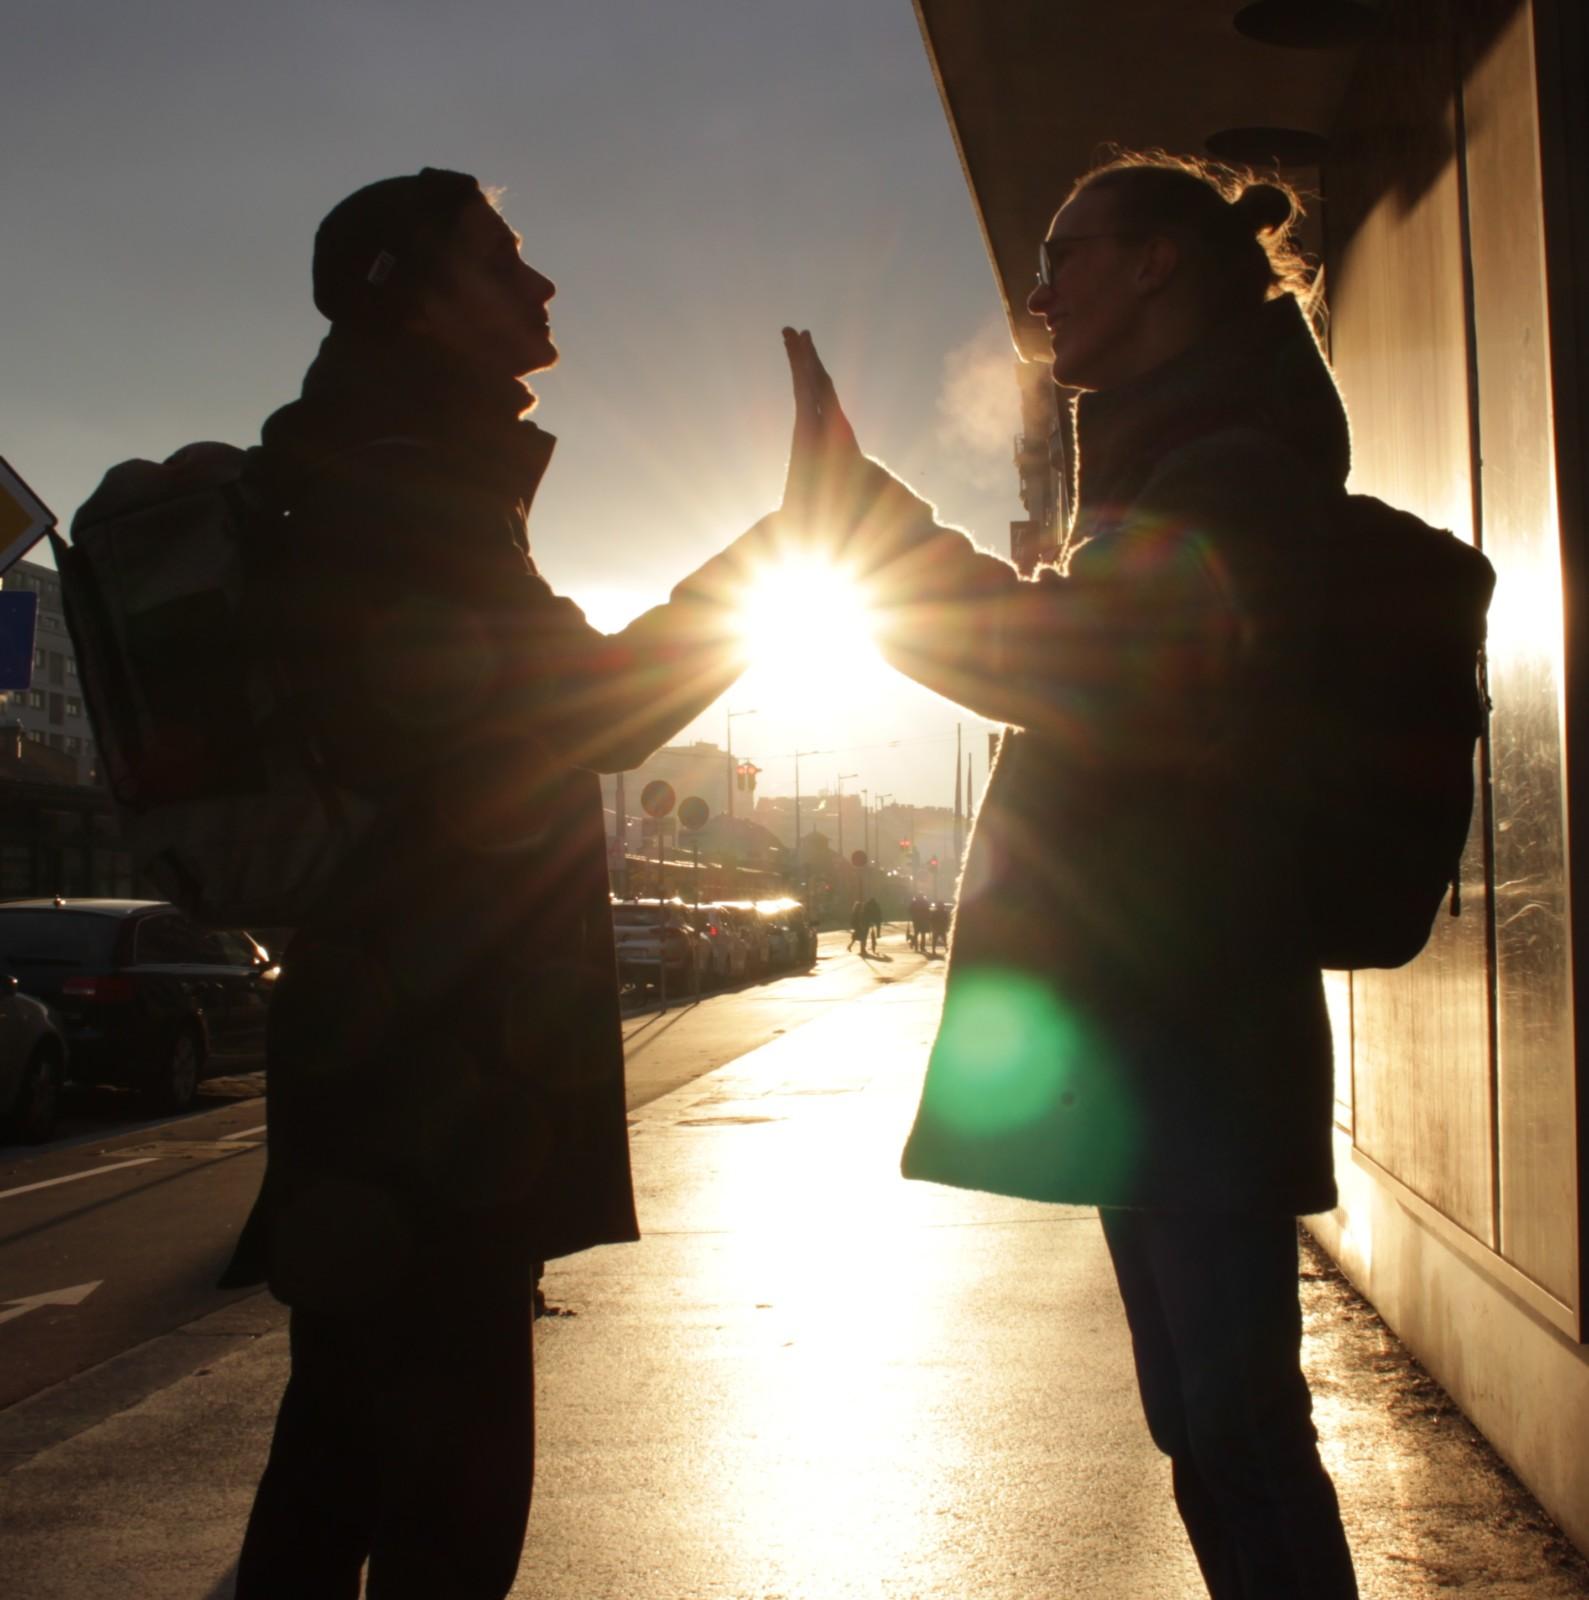 Sonnenuntergang mit den zwei Protagonisten im Vordergrund in Spiegelbildposition